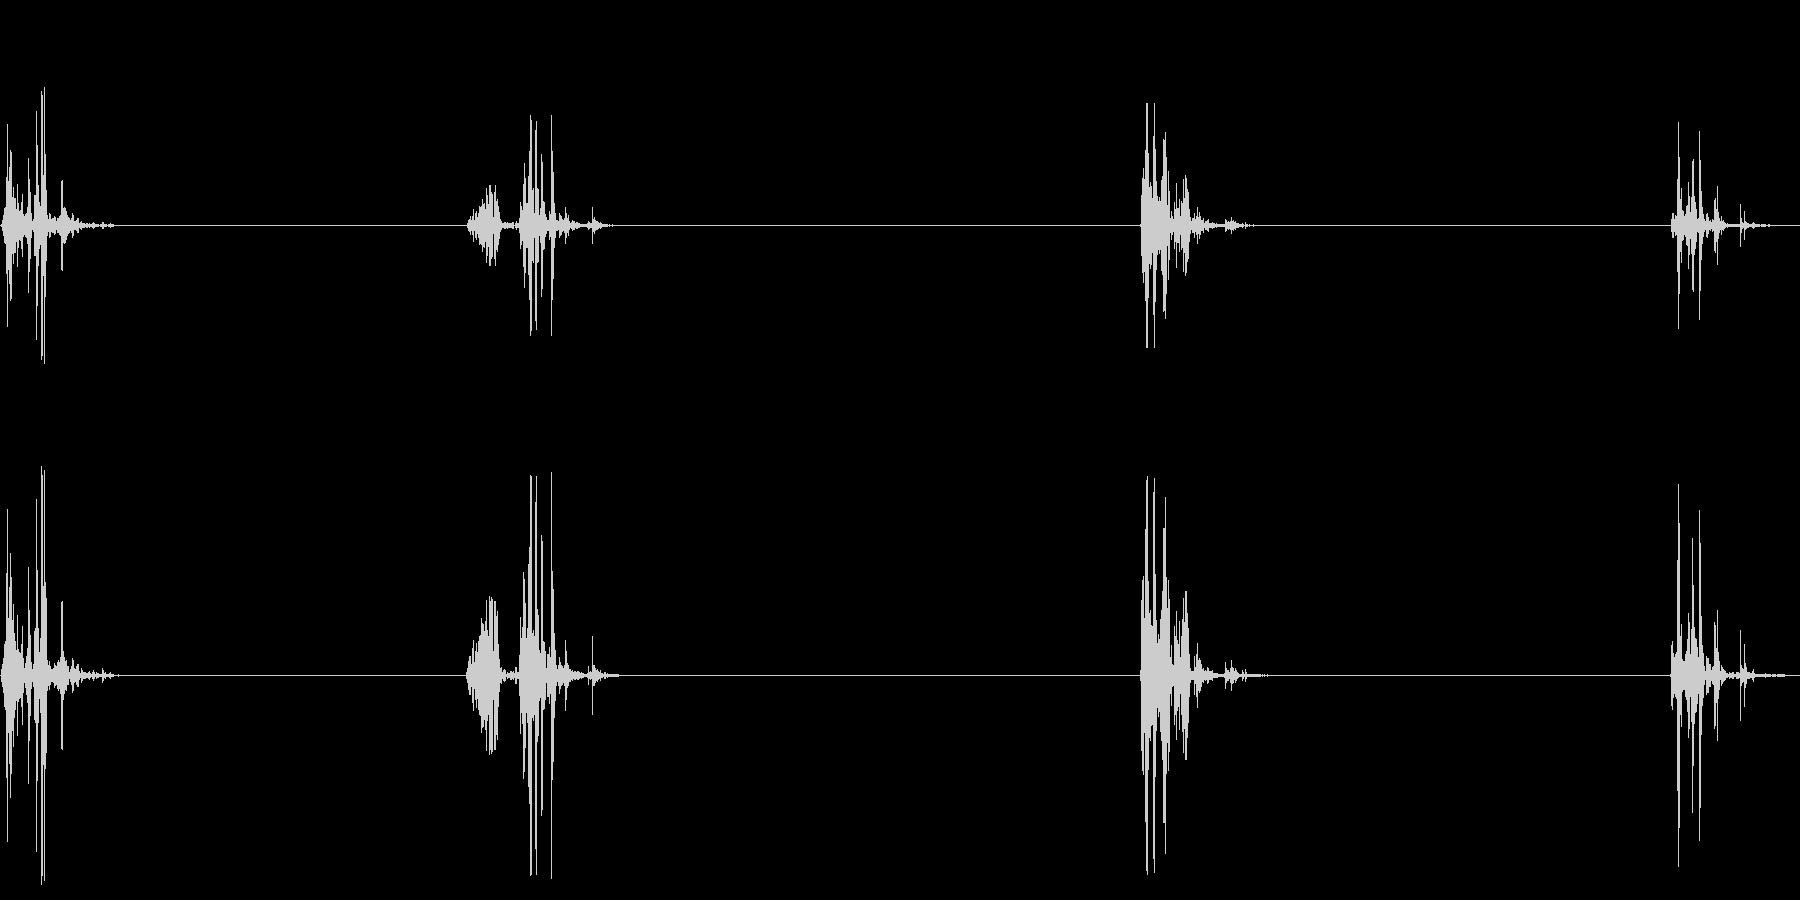 飲み込む音(ごっくん4回)の未再生の波形